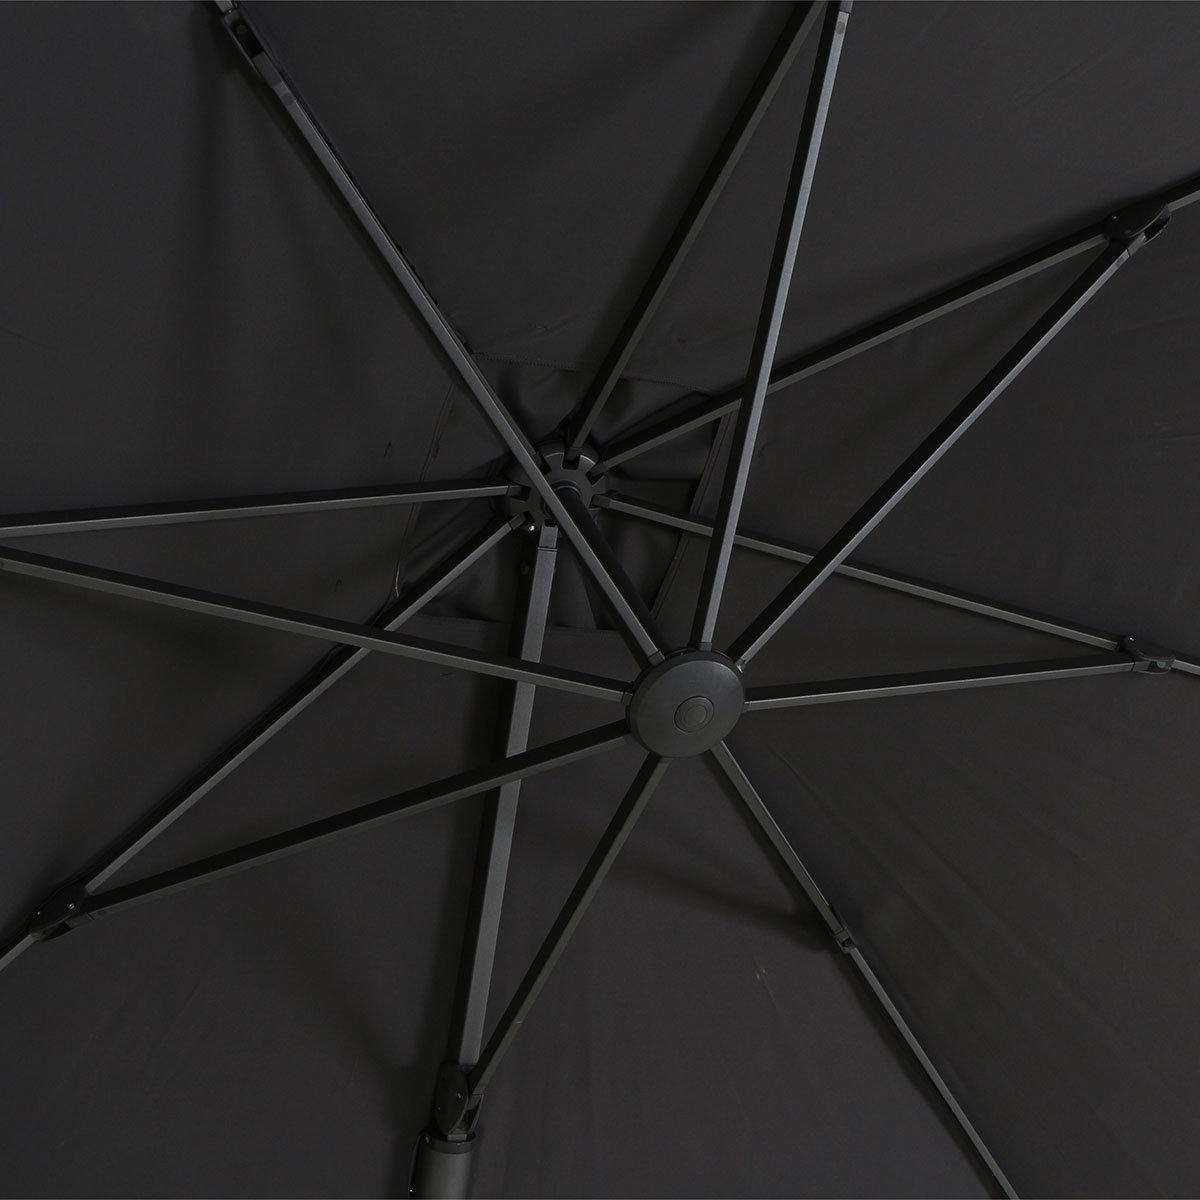 Ampelschirm California, 300x300 cm, anthrazit | #7